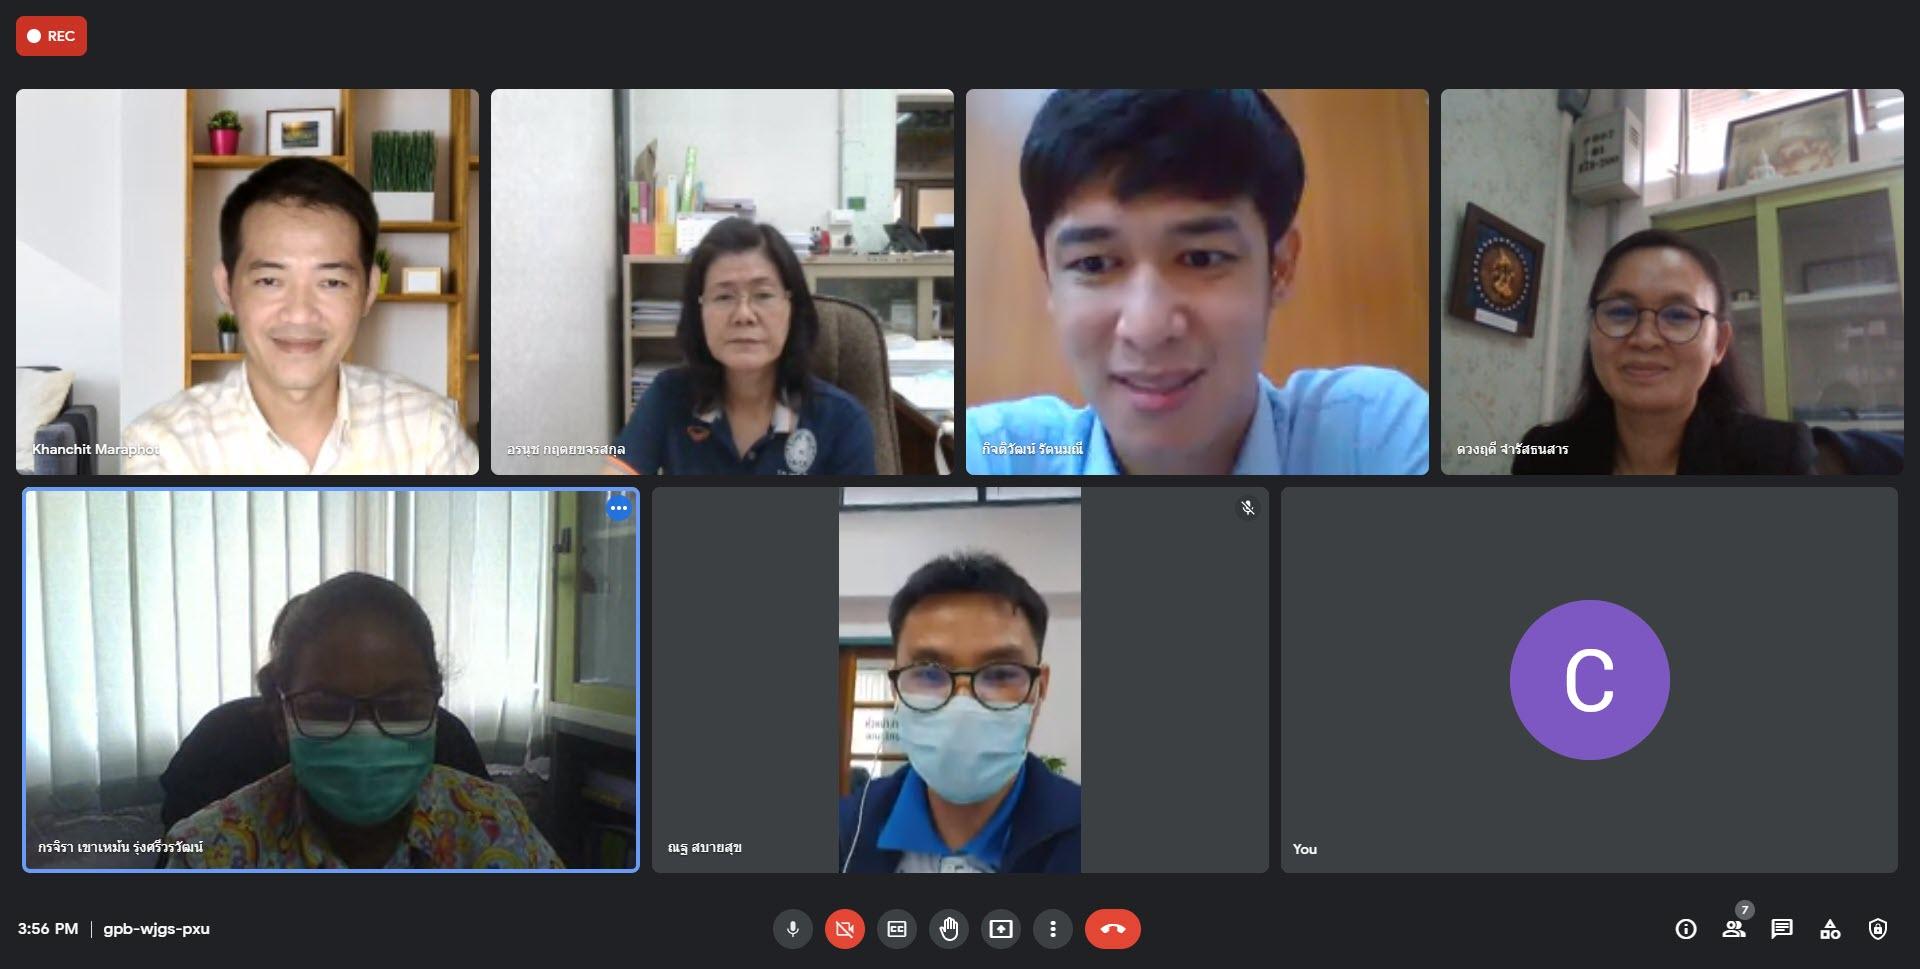 การประชุมเพื่อปฐมนิเทศงานพนักงานมหาวิทยาลัยสายวิชาการ